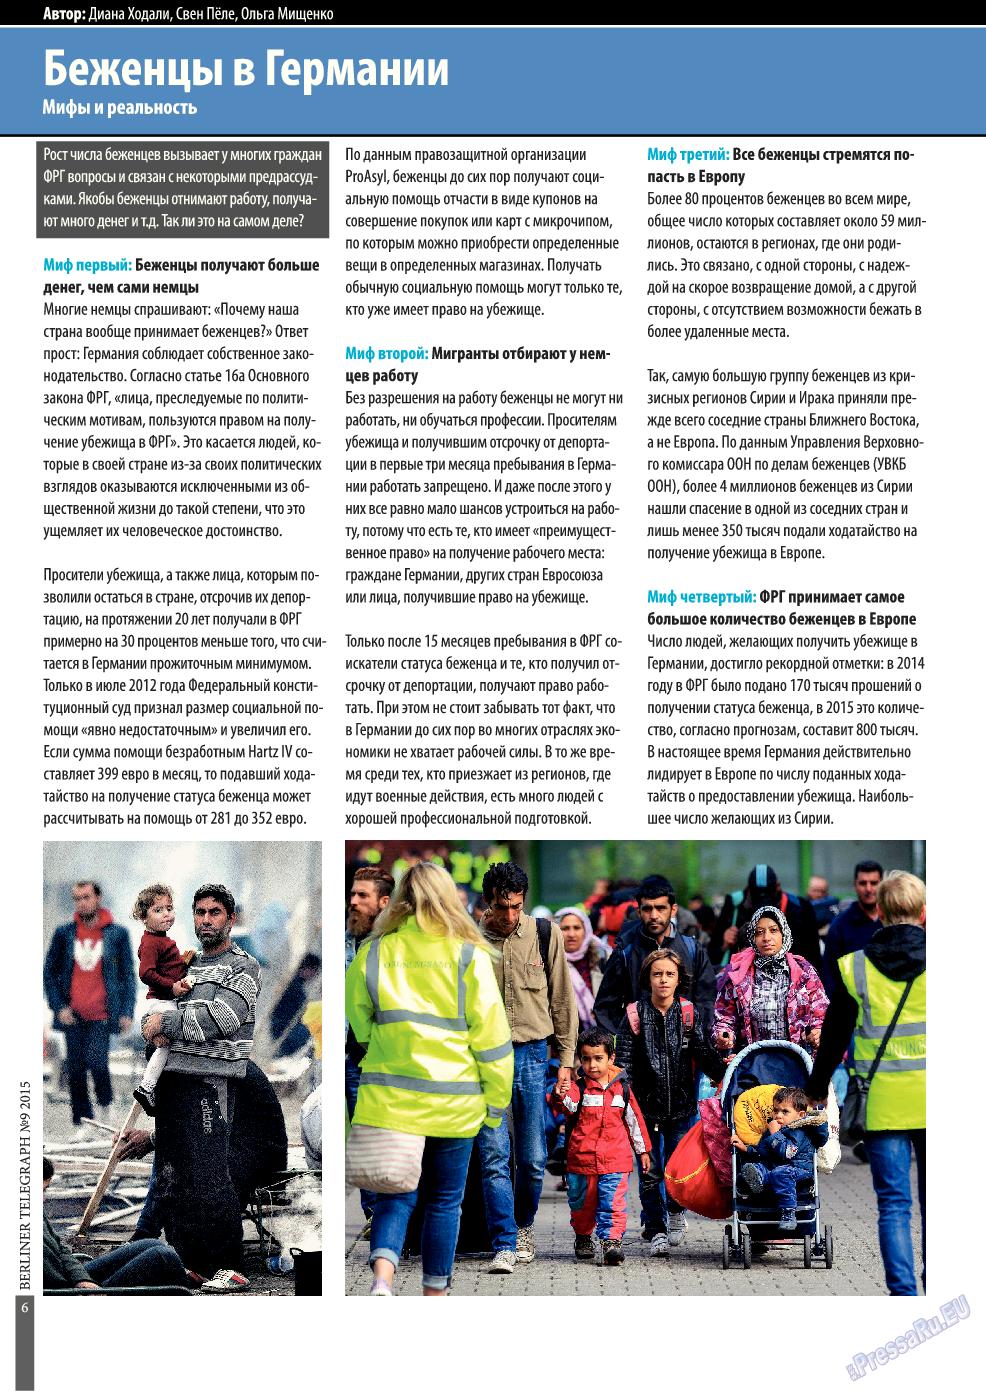 Берлинский телеграф (журнал). 2015 год, номер 10, стр. 6